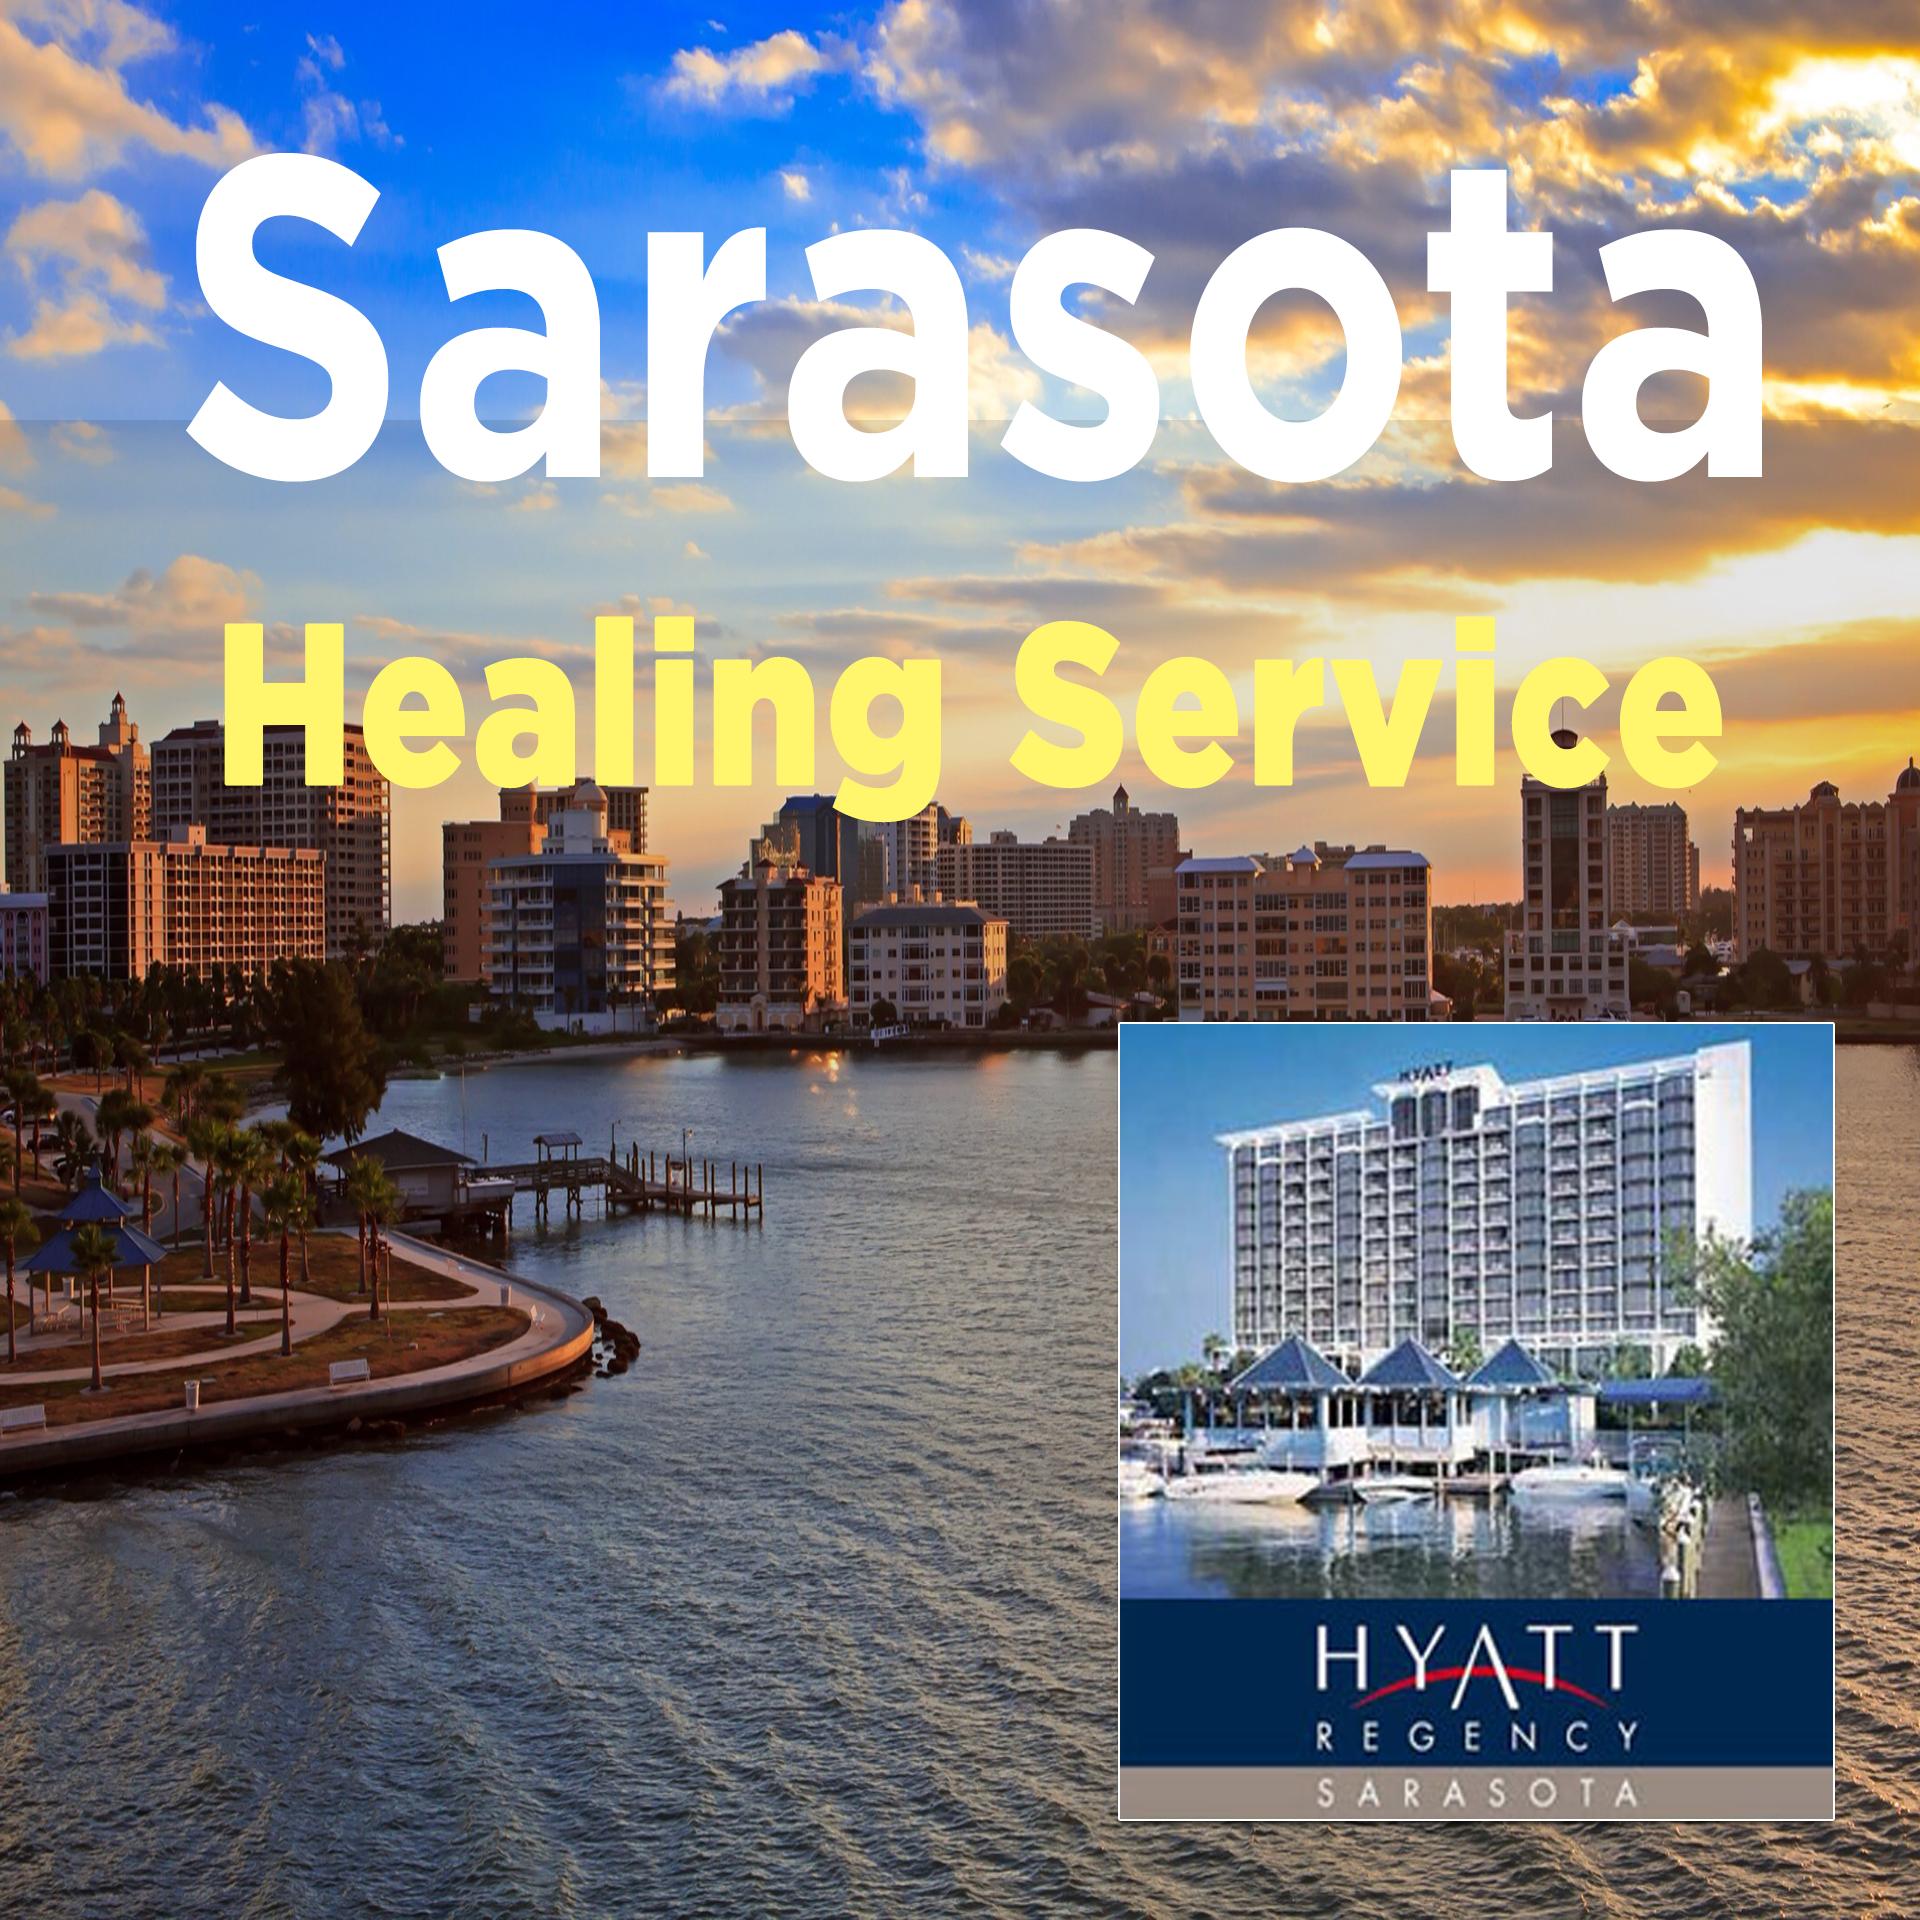 Sarasota healing service fb